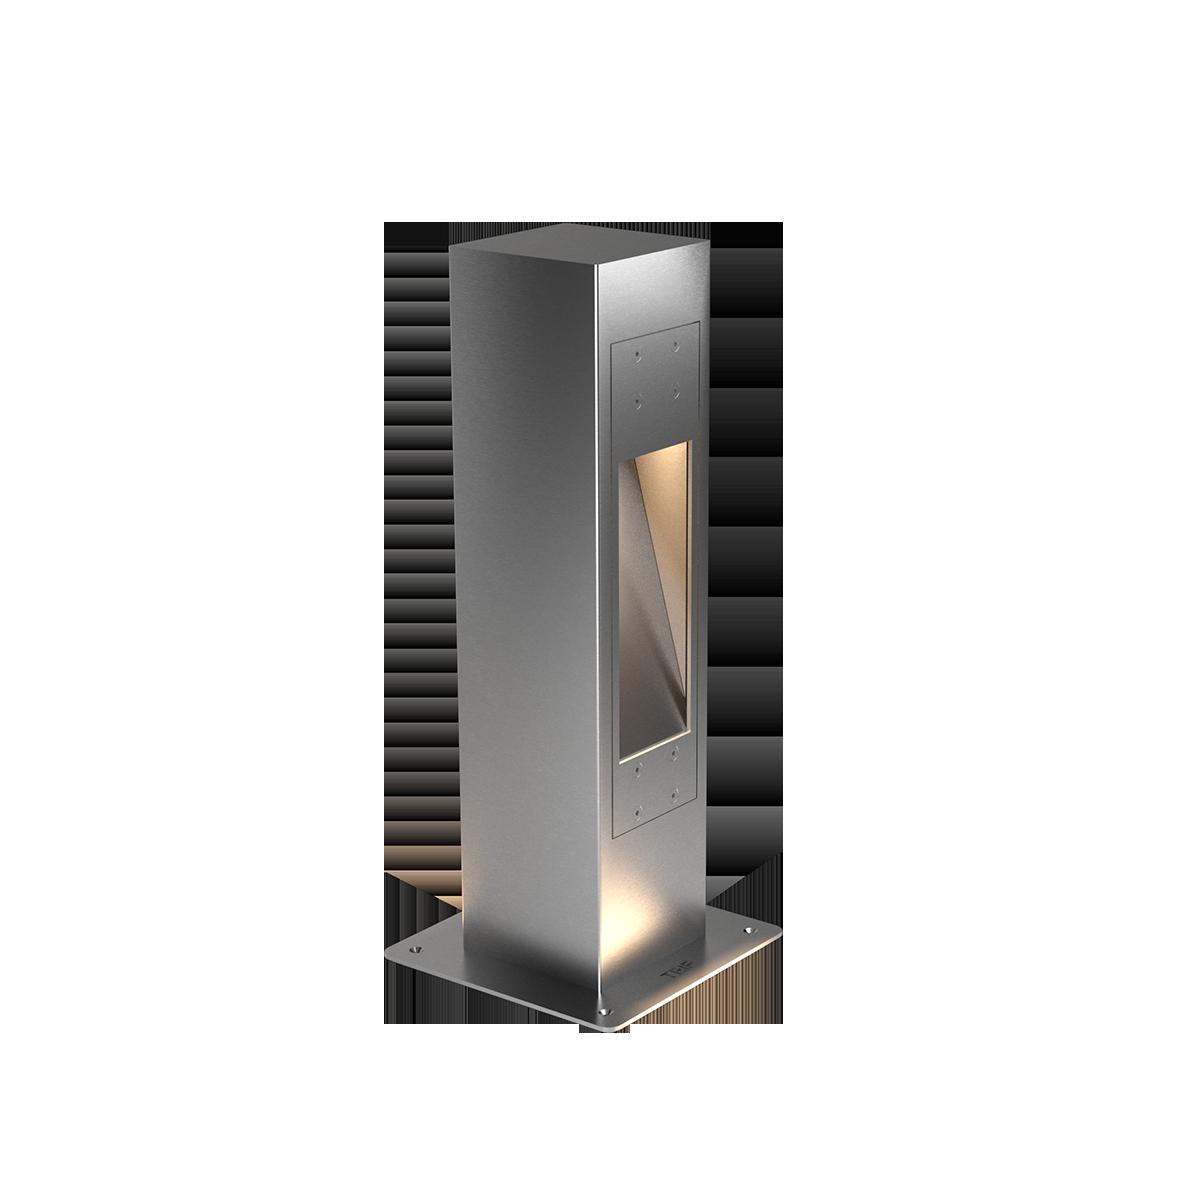 Светильники для ландшафтного освещения TRIF TETRA ONE на зказ